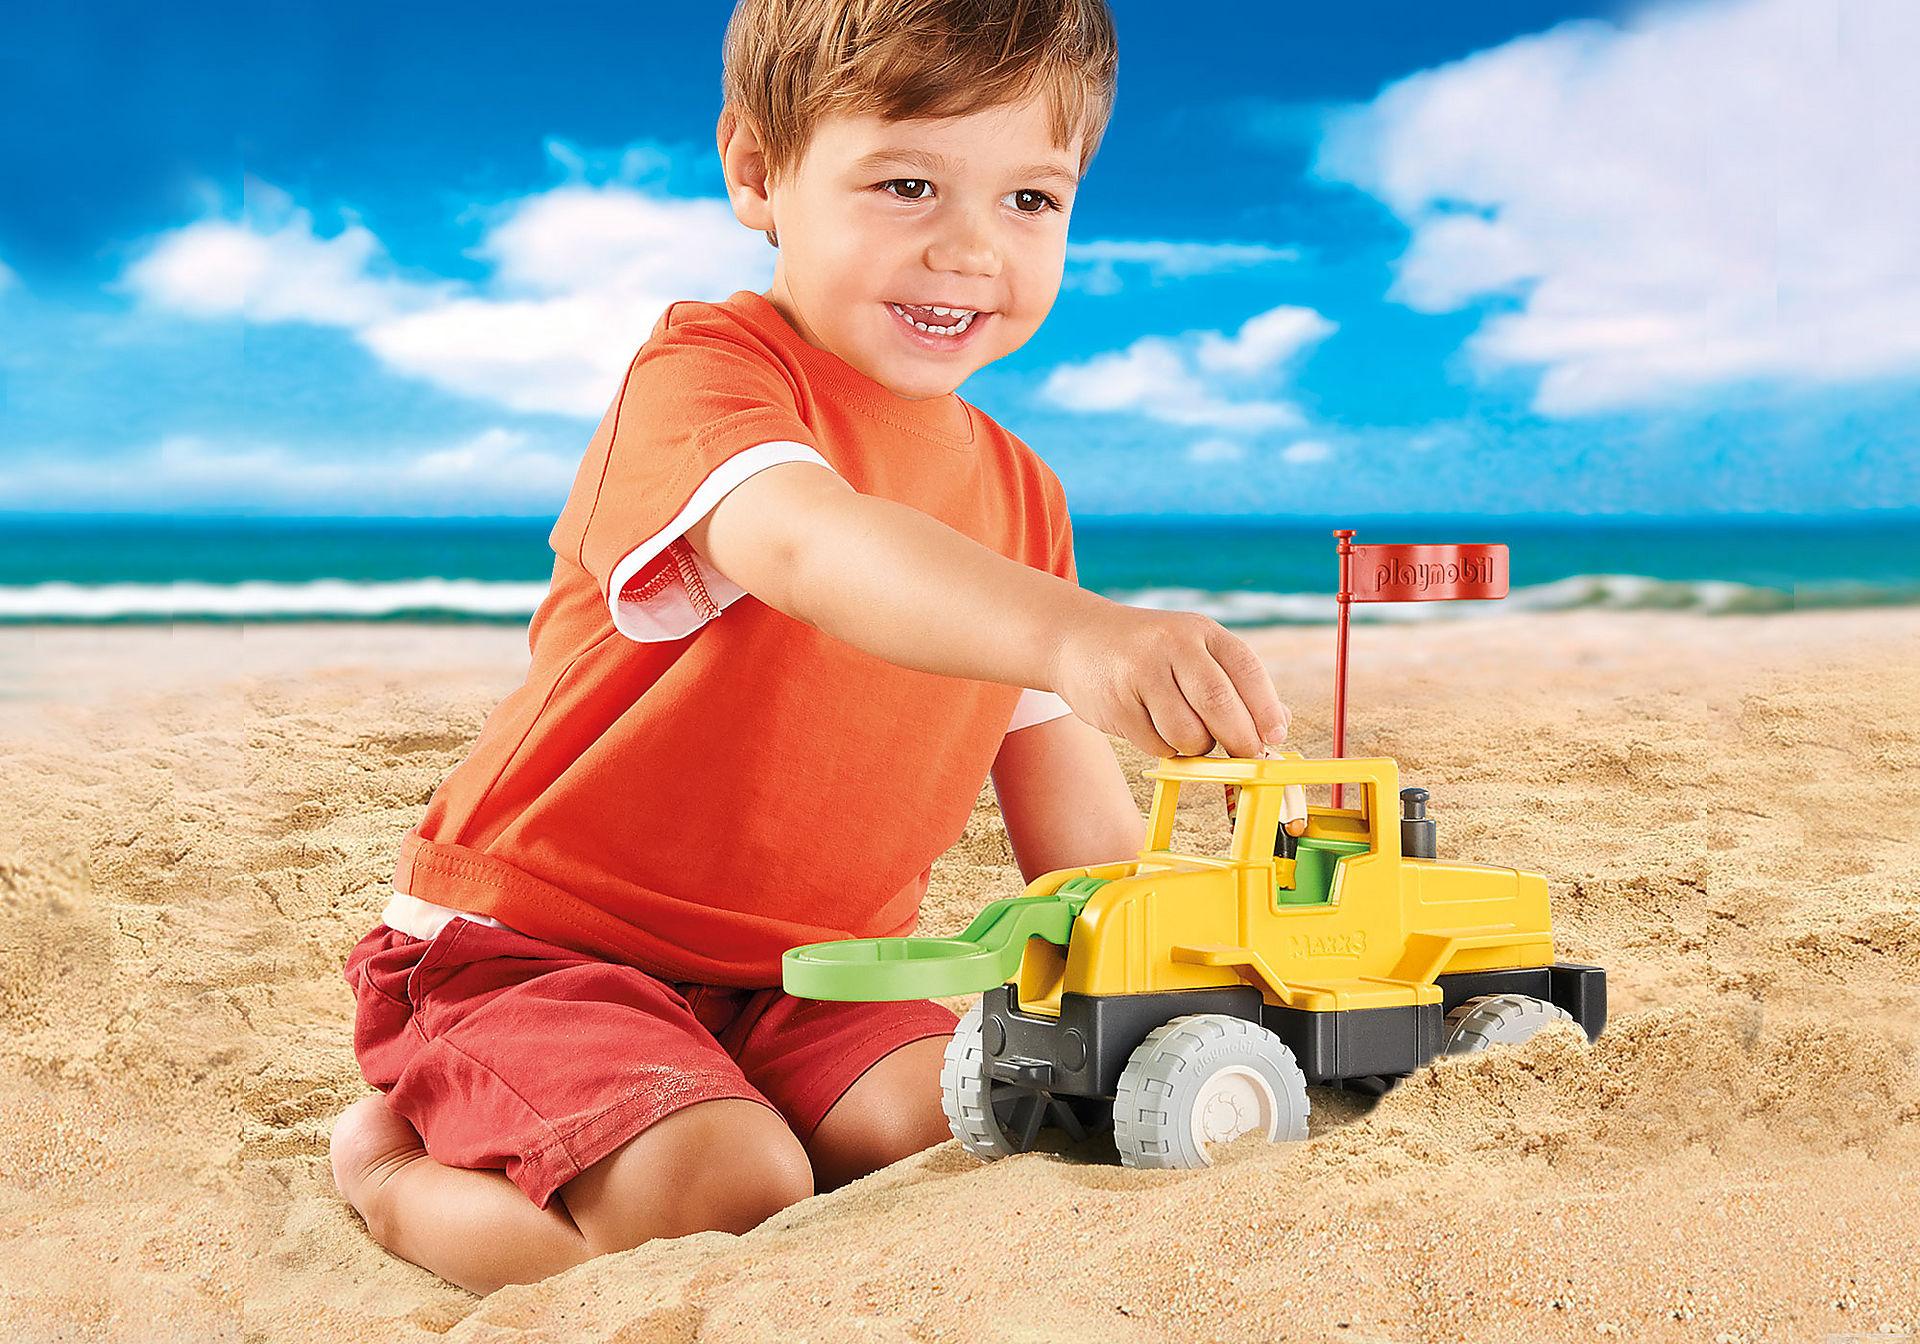 70064 Samochód z wiertłem do piasku zoom image8